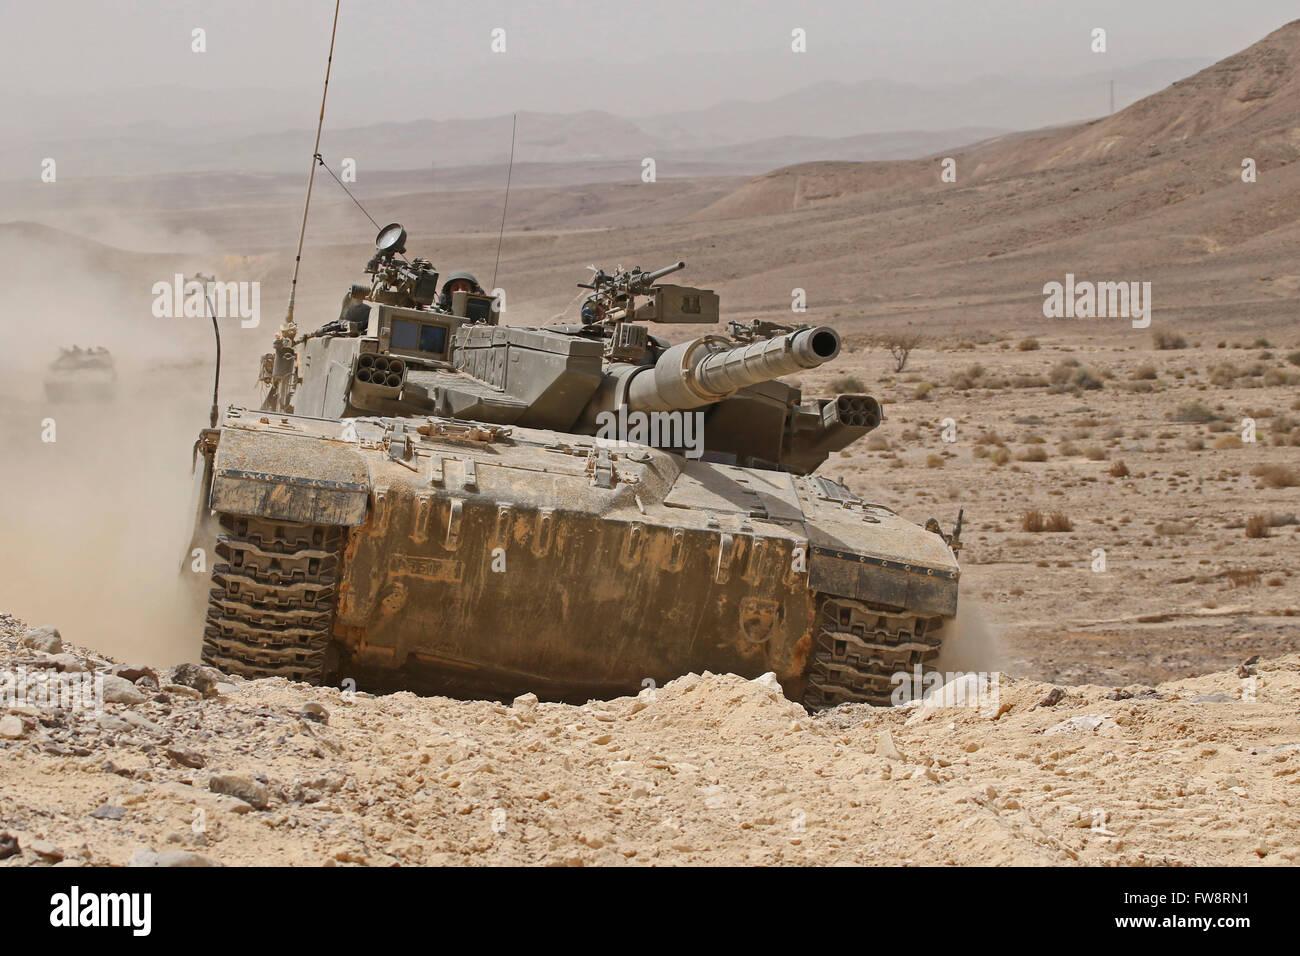 ein-merkava-iii-kampfpanzer-in-der-negev